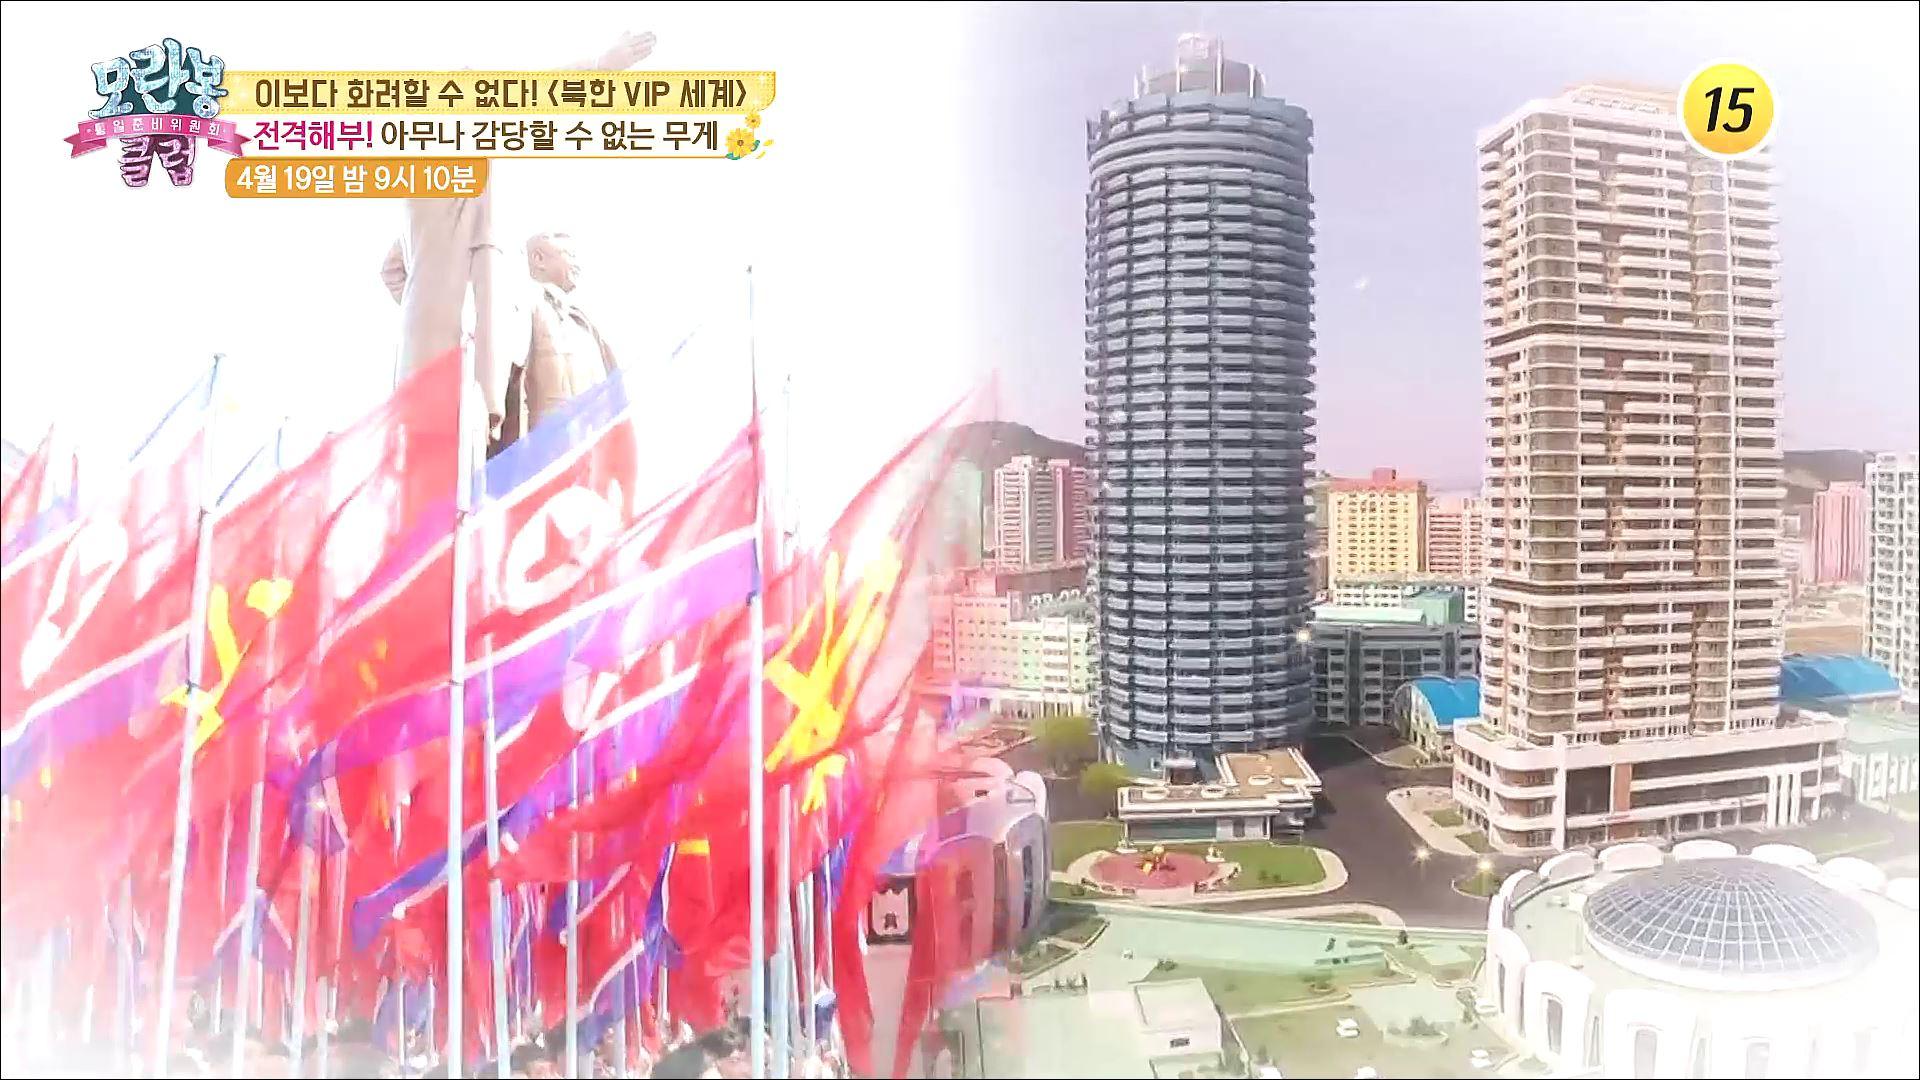 이보다 화려할 수 없다! 〈북한 VIP 세계〉_모란봉 클럽 235회 예고 이미지